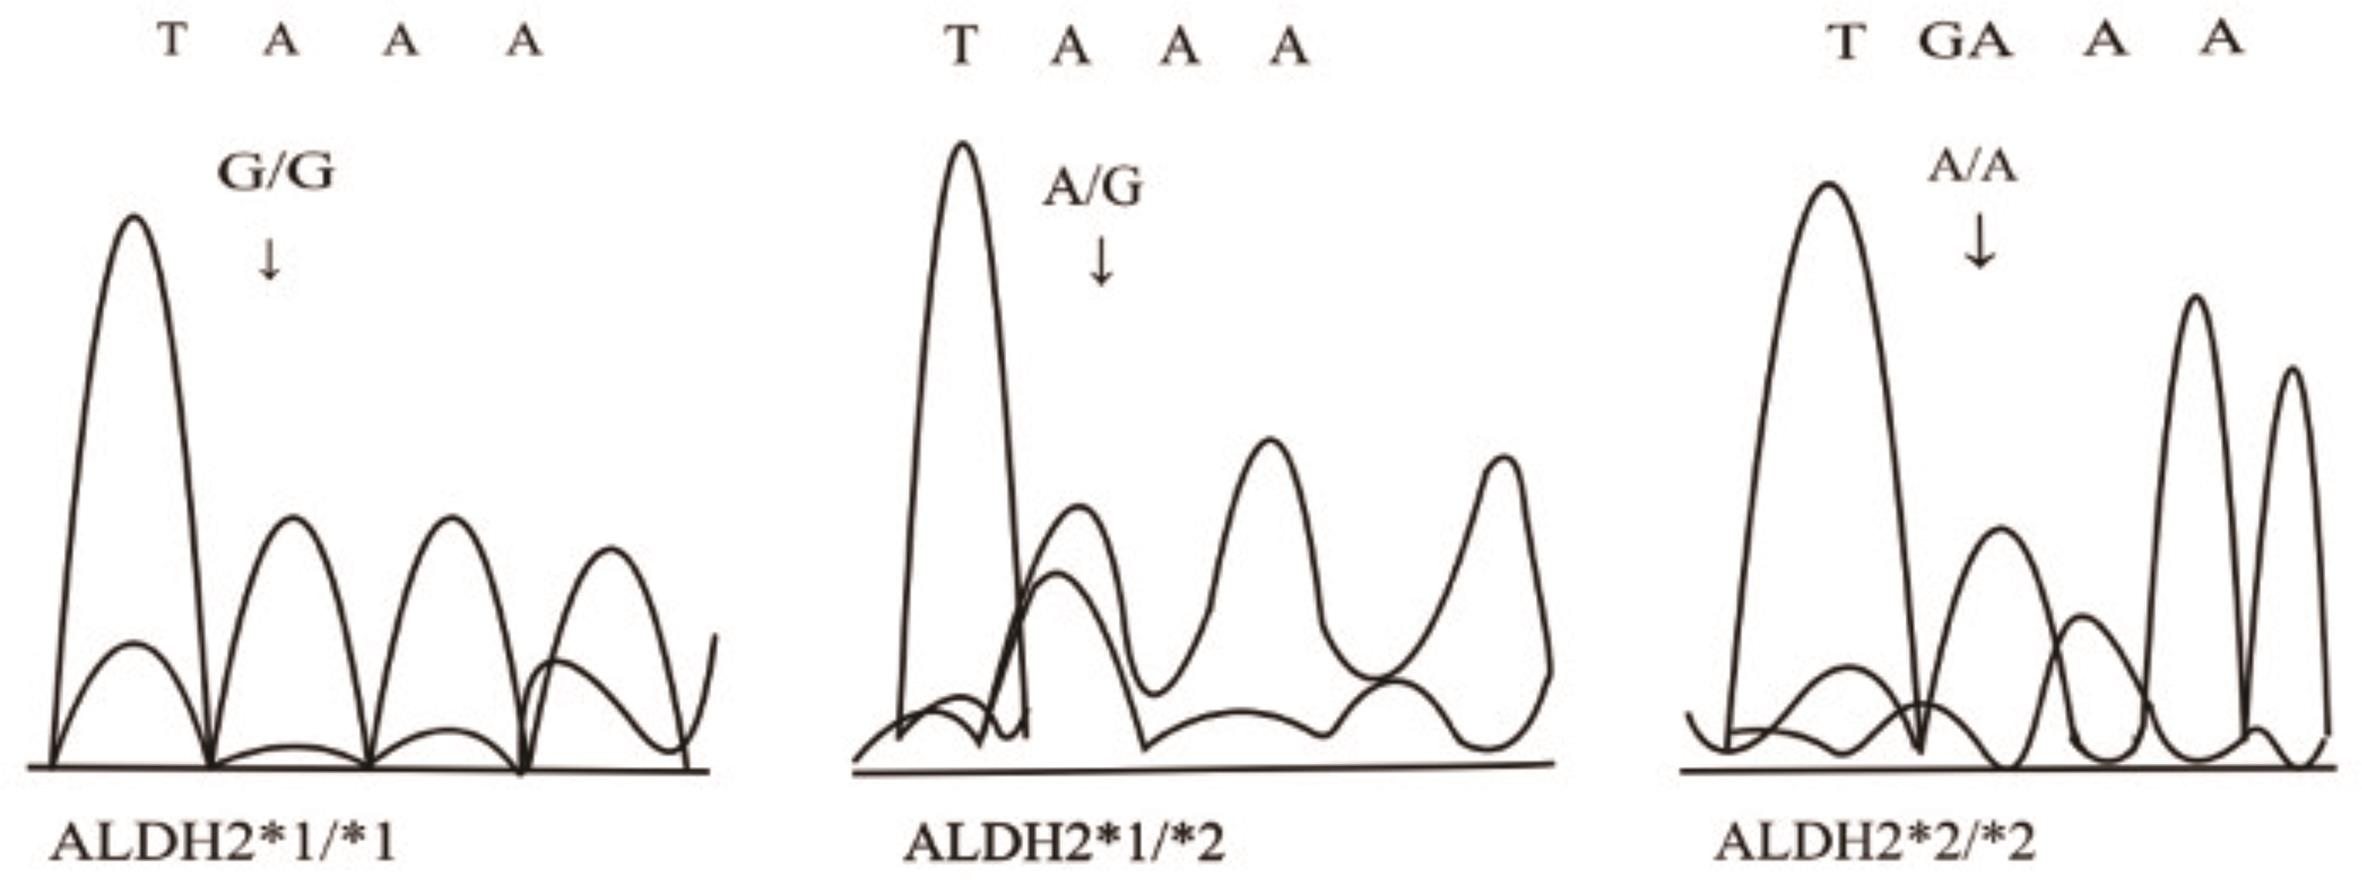 Genotypes of <italic>ALDH2rs671</italic>.